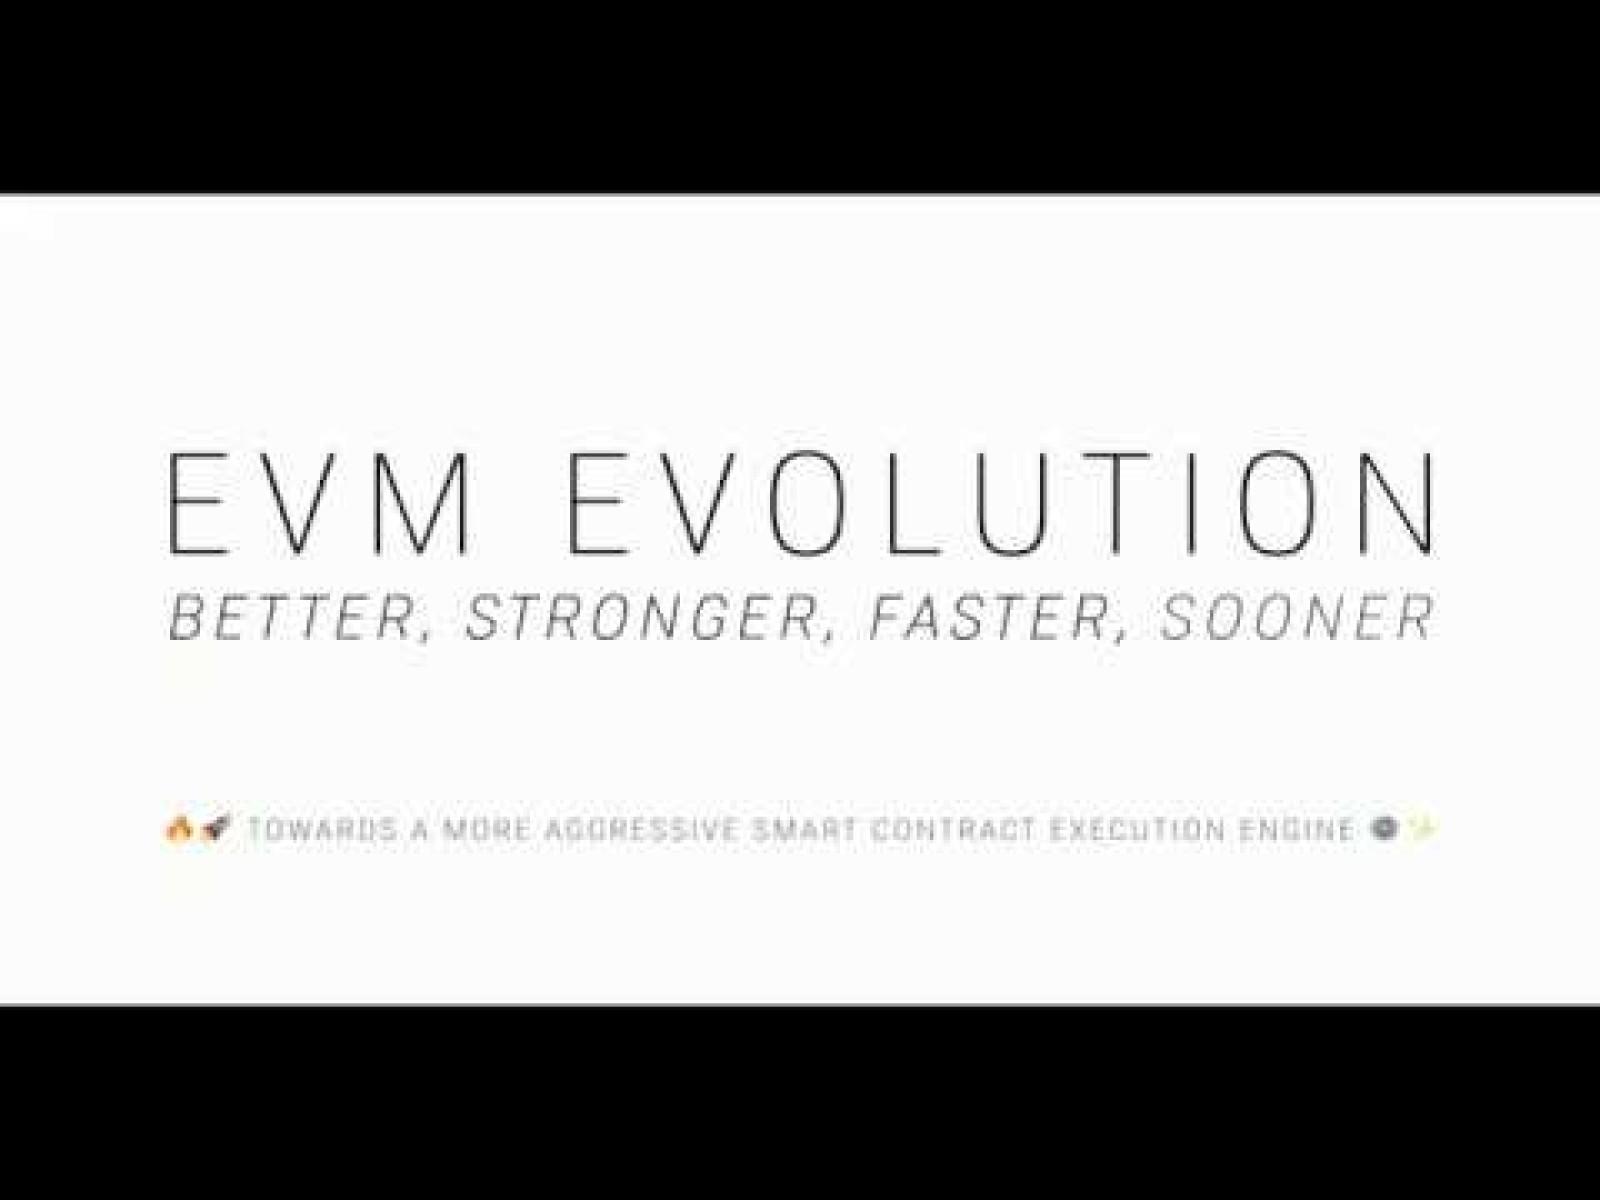 EVM Evolution: Towards a More Aggressive Execution Engine